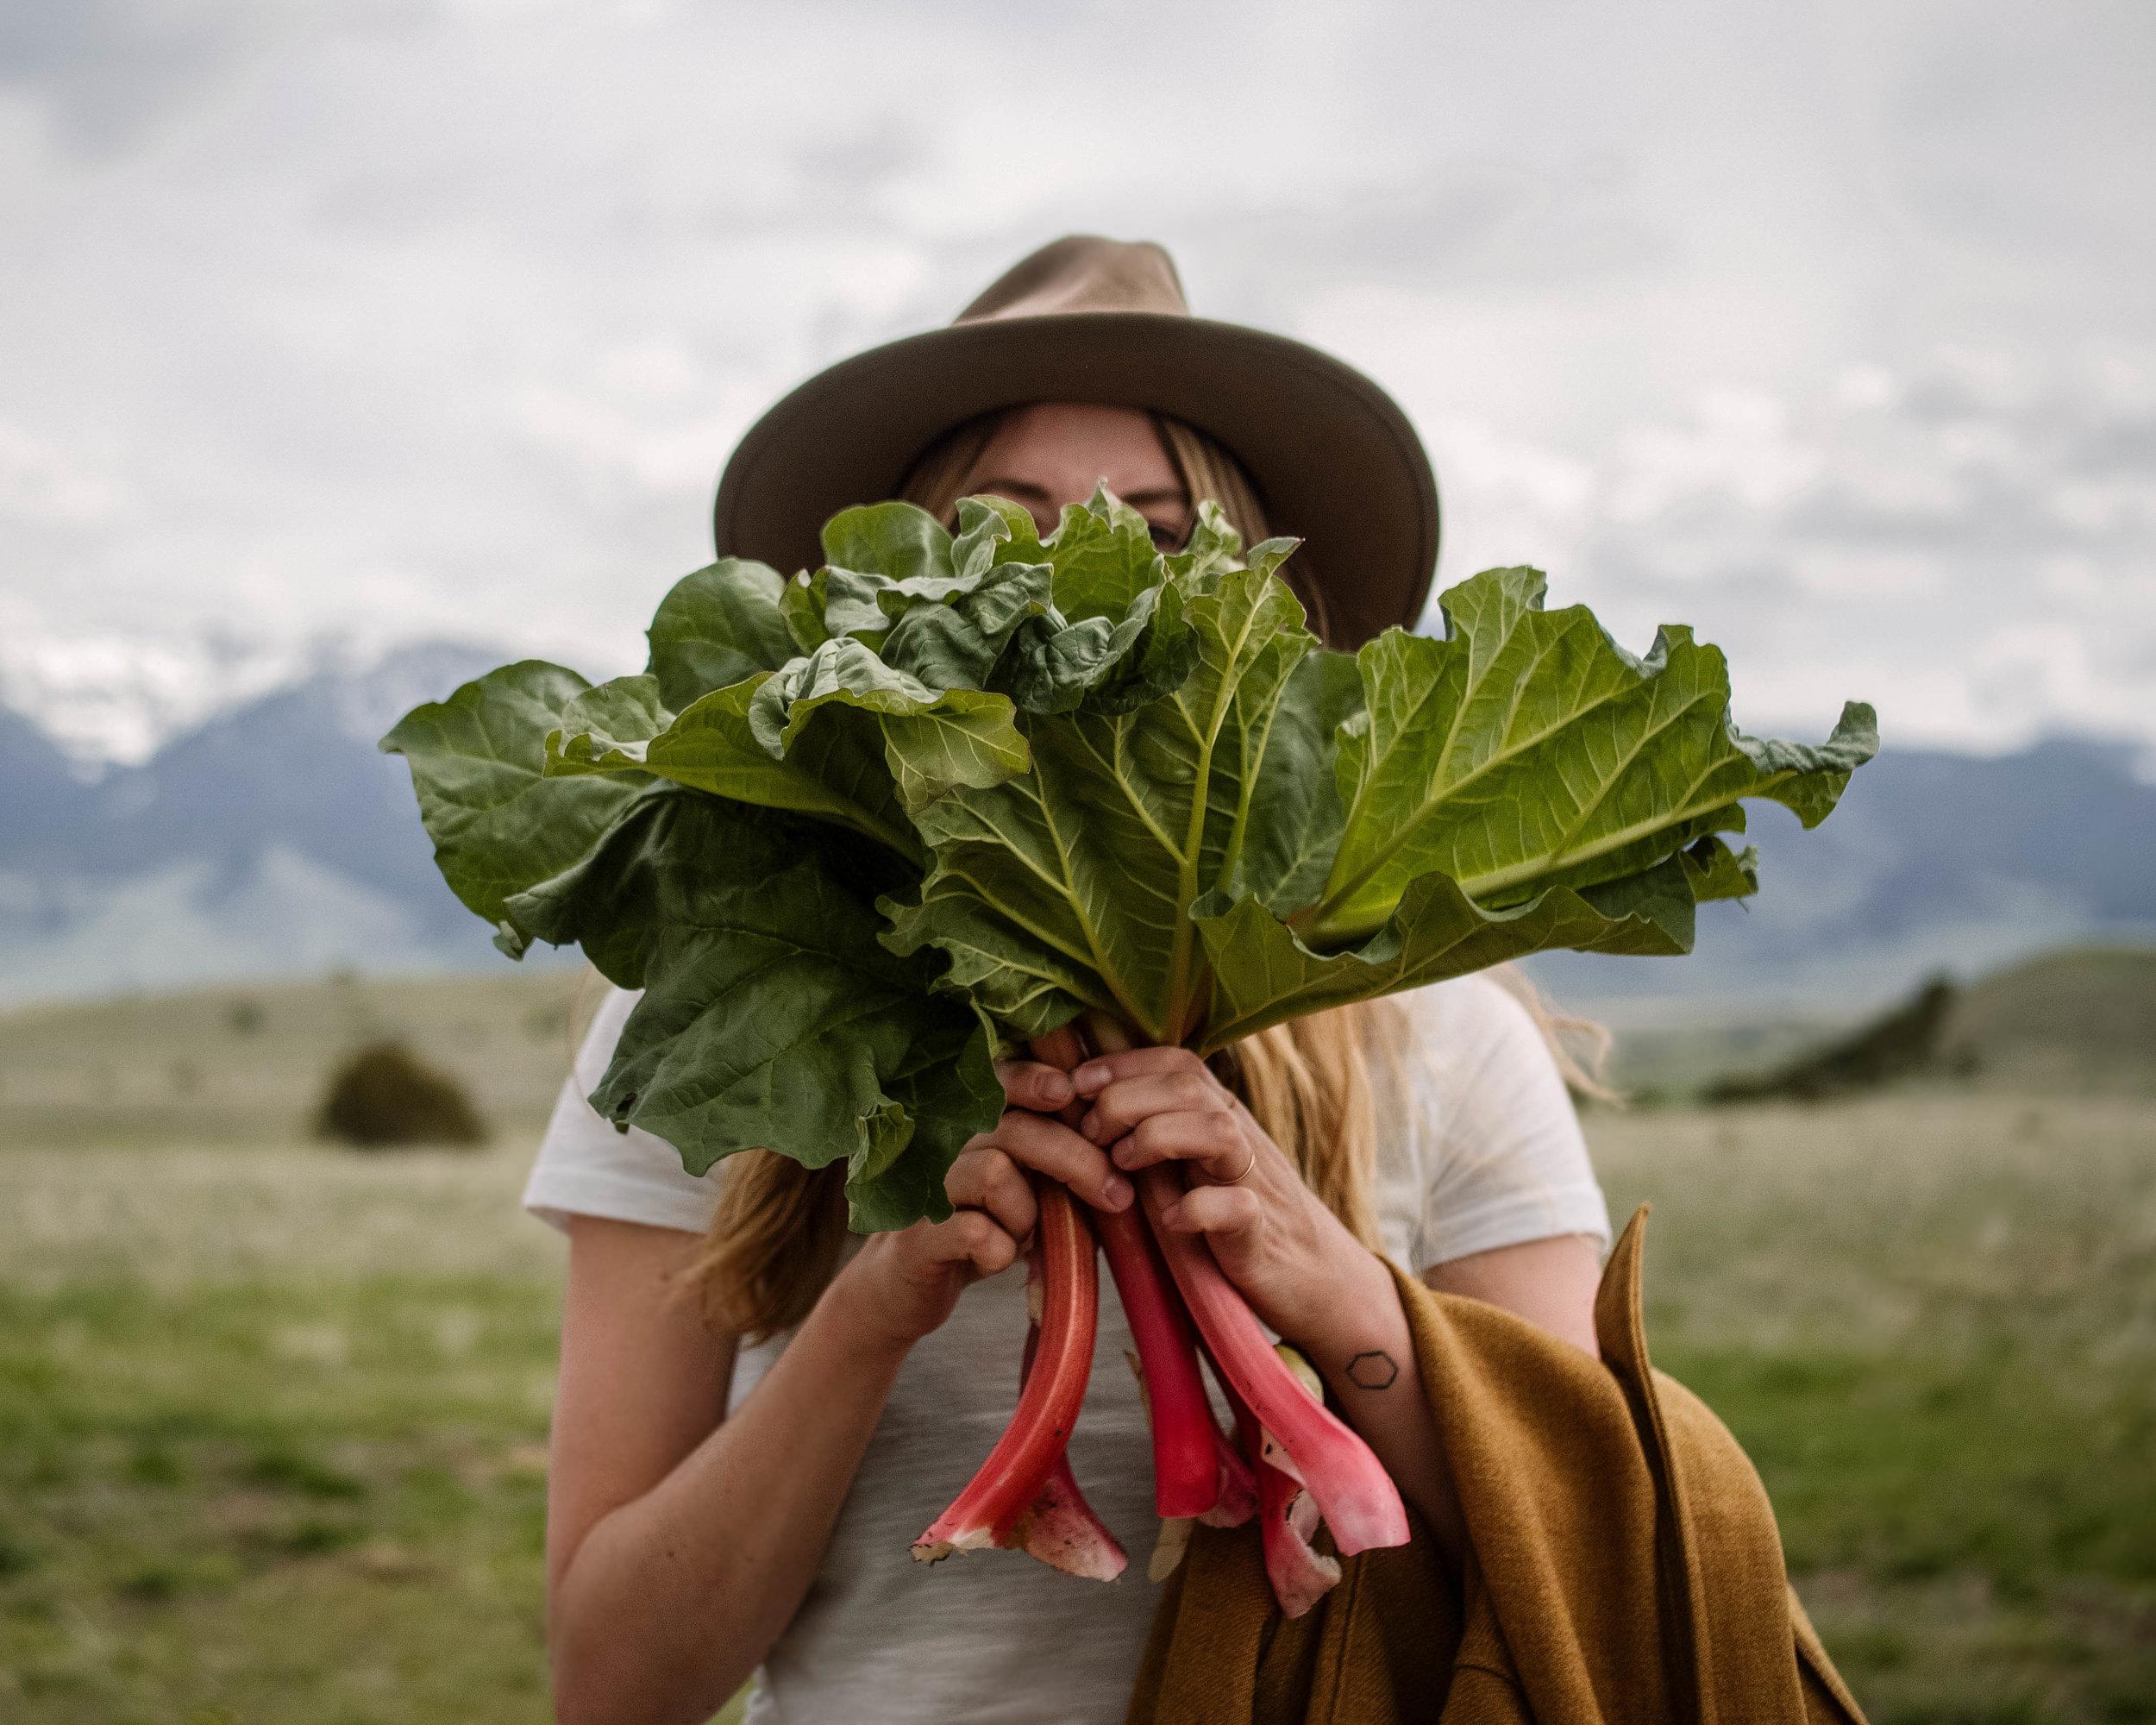 Montana rhubarb harvest